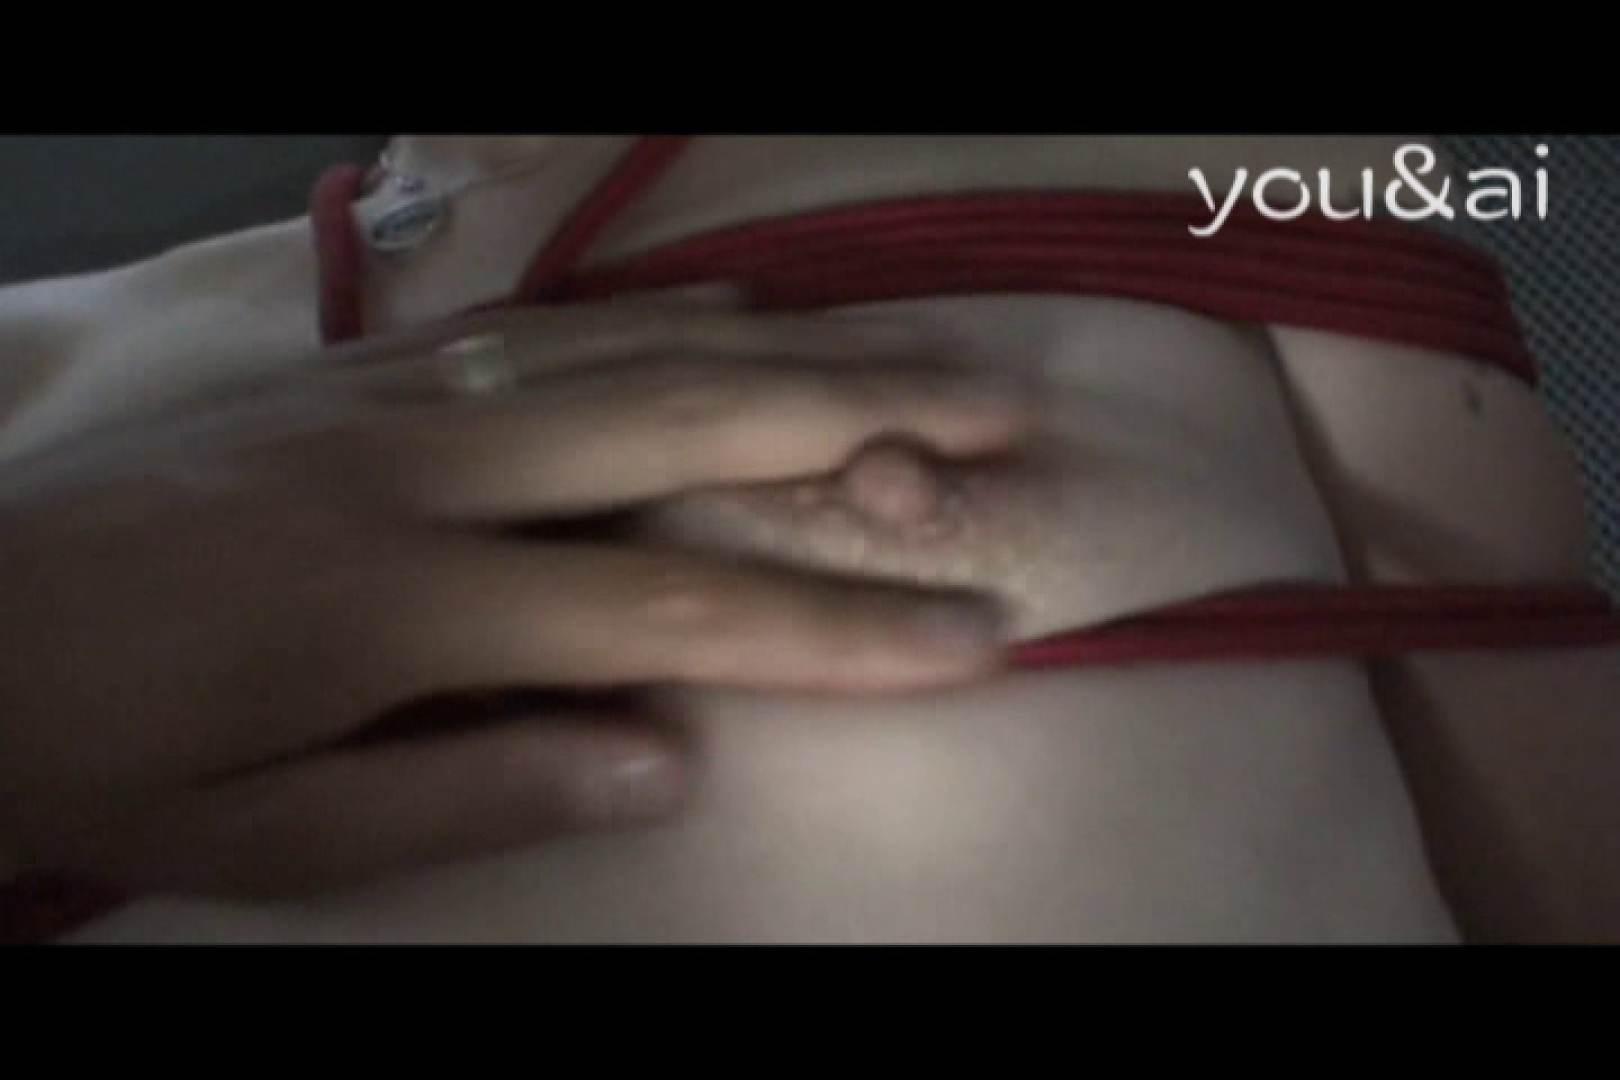 おしどり夫婦のyou&aiさん投稿作品vol.4 緊縛 | 投稿映像  71pic 25